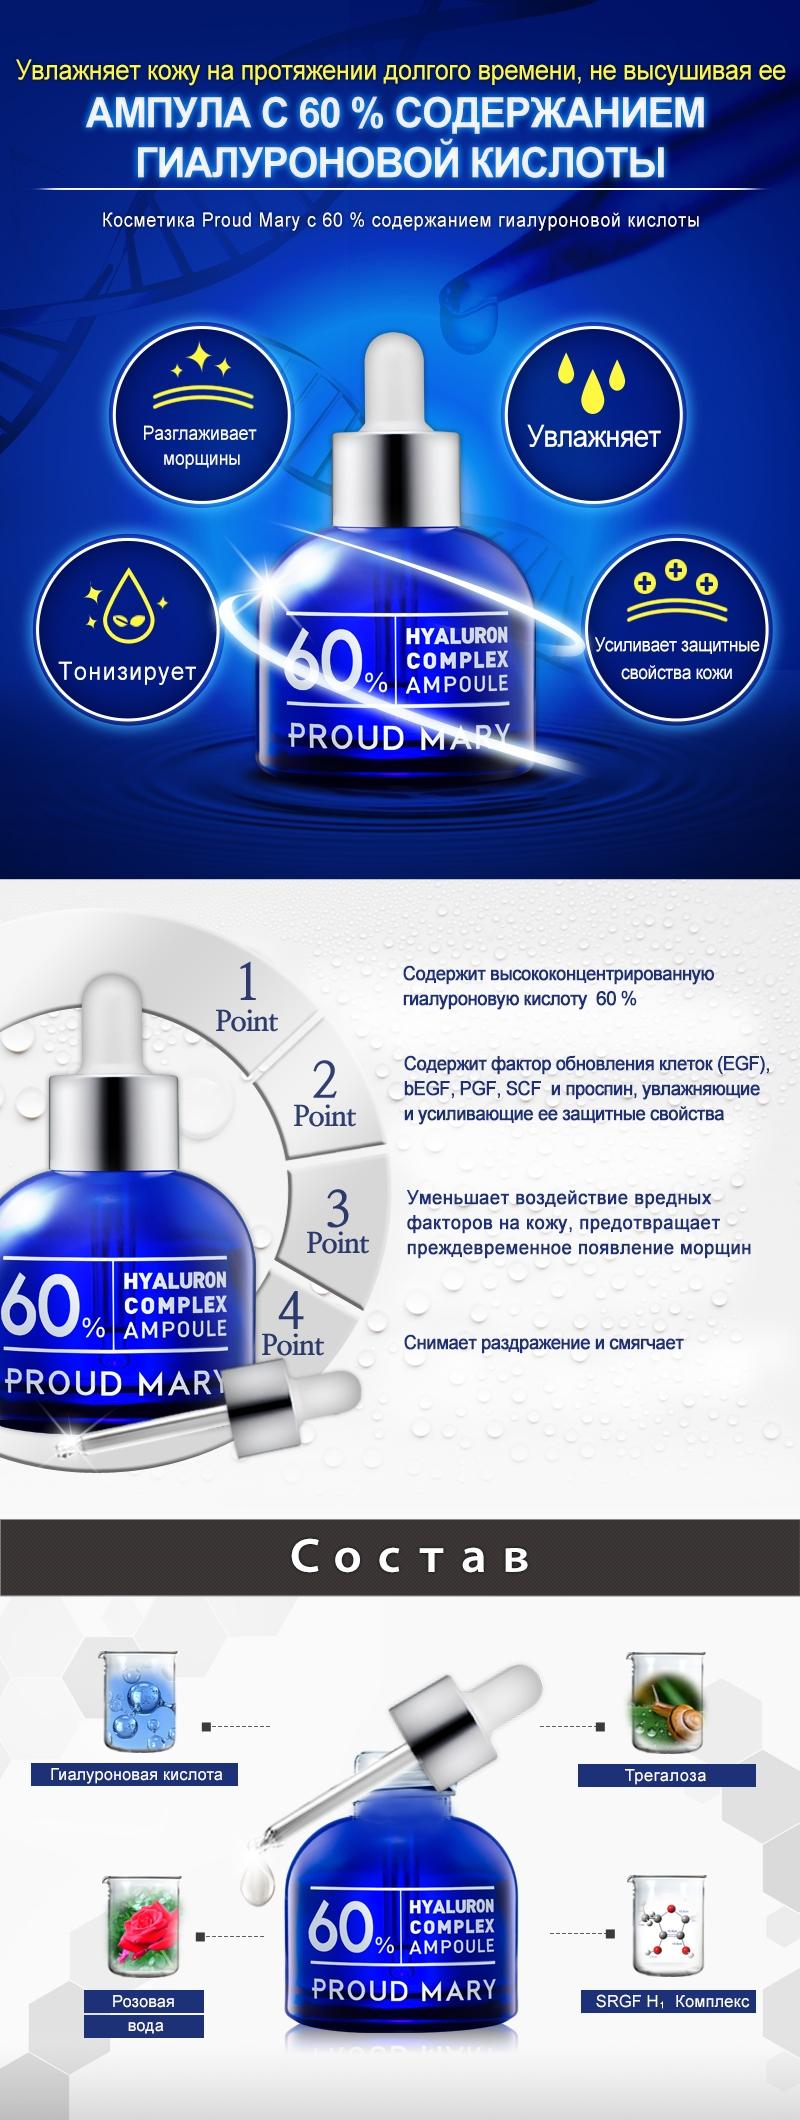 Proud Mary Увлажняющая сыворотка - комплекс гиалуроновой кислоты 60% в ампуле